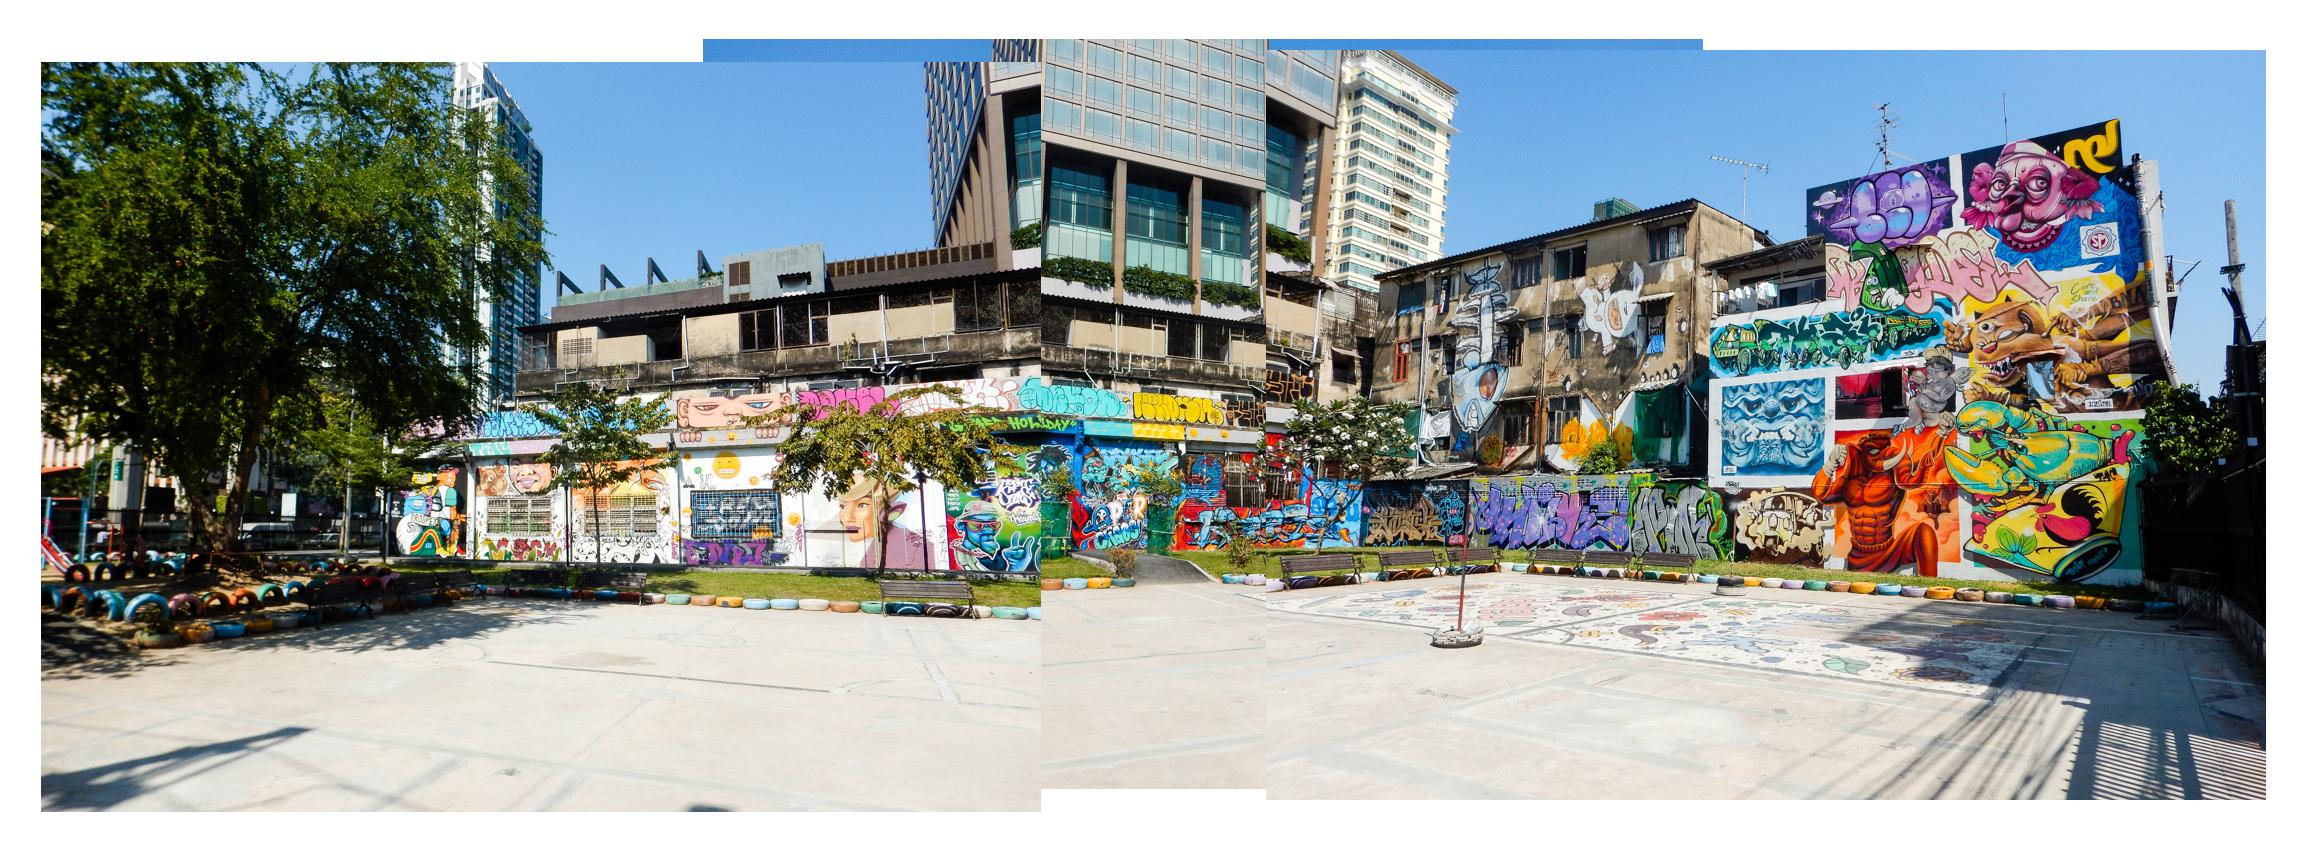 bangkok_graffitiwall_pano.jpg